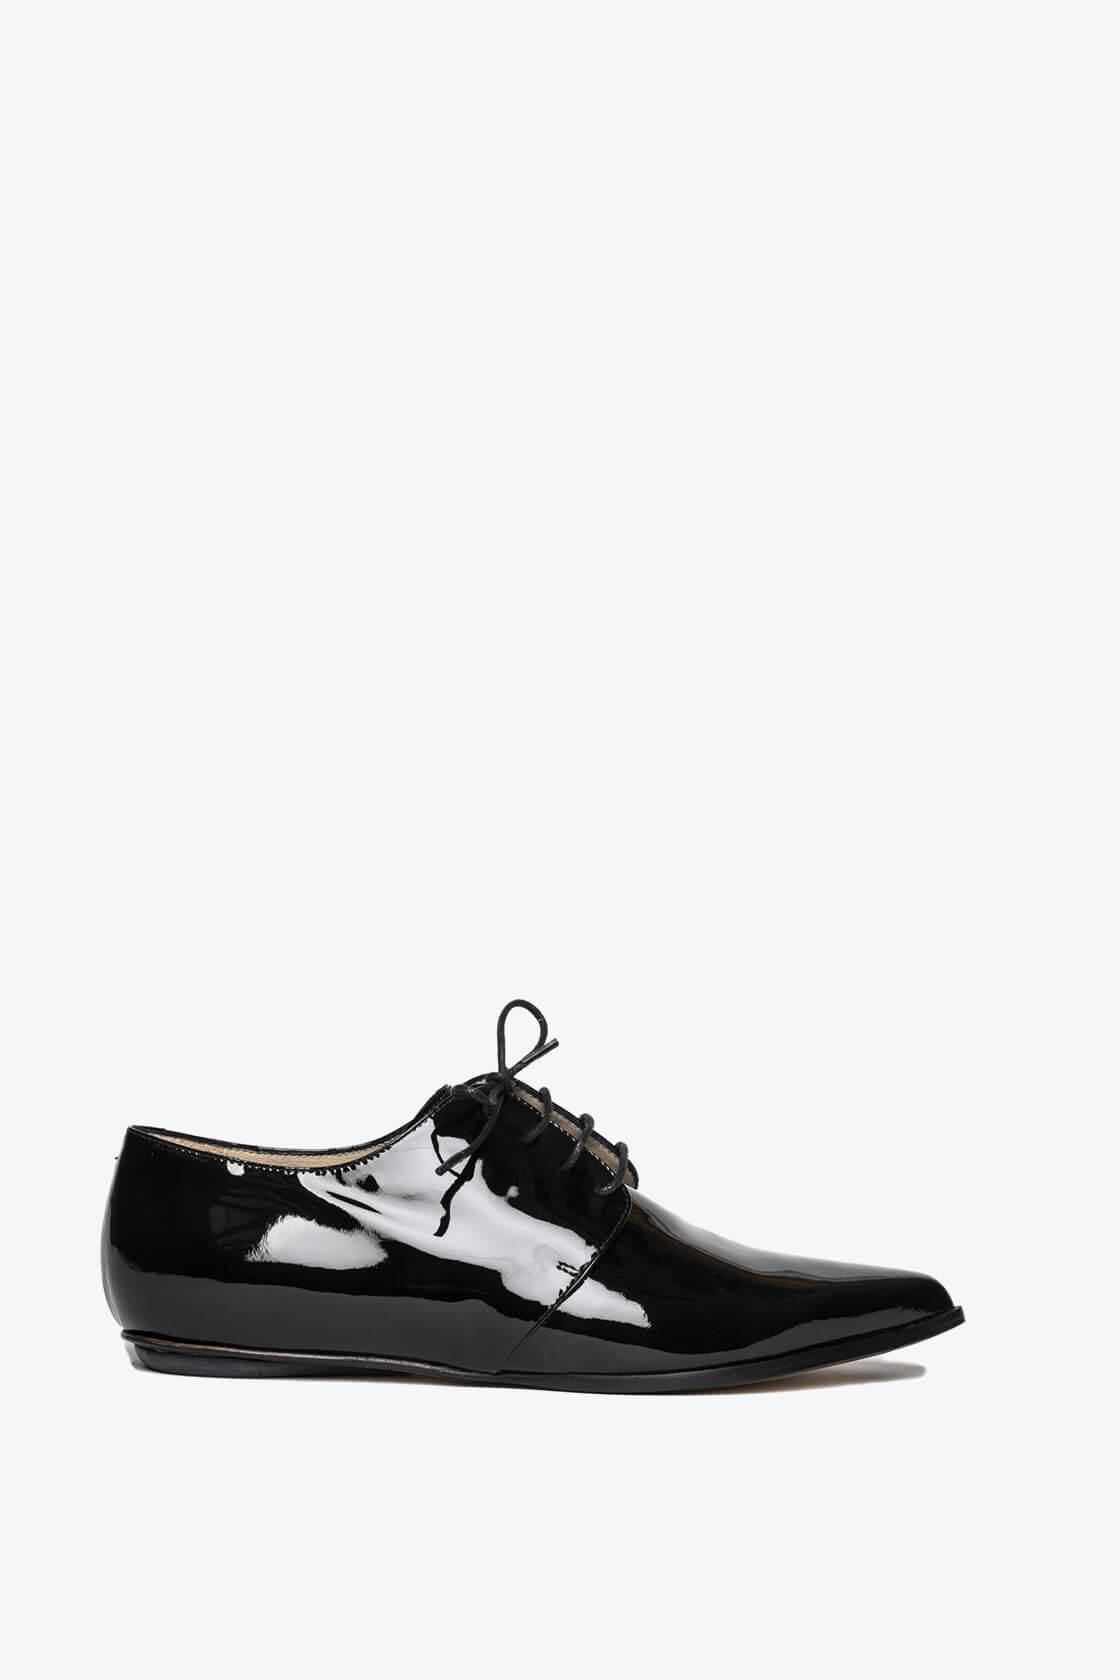 EJK0000068 Renee derby shoes black 1